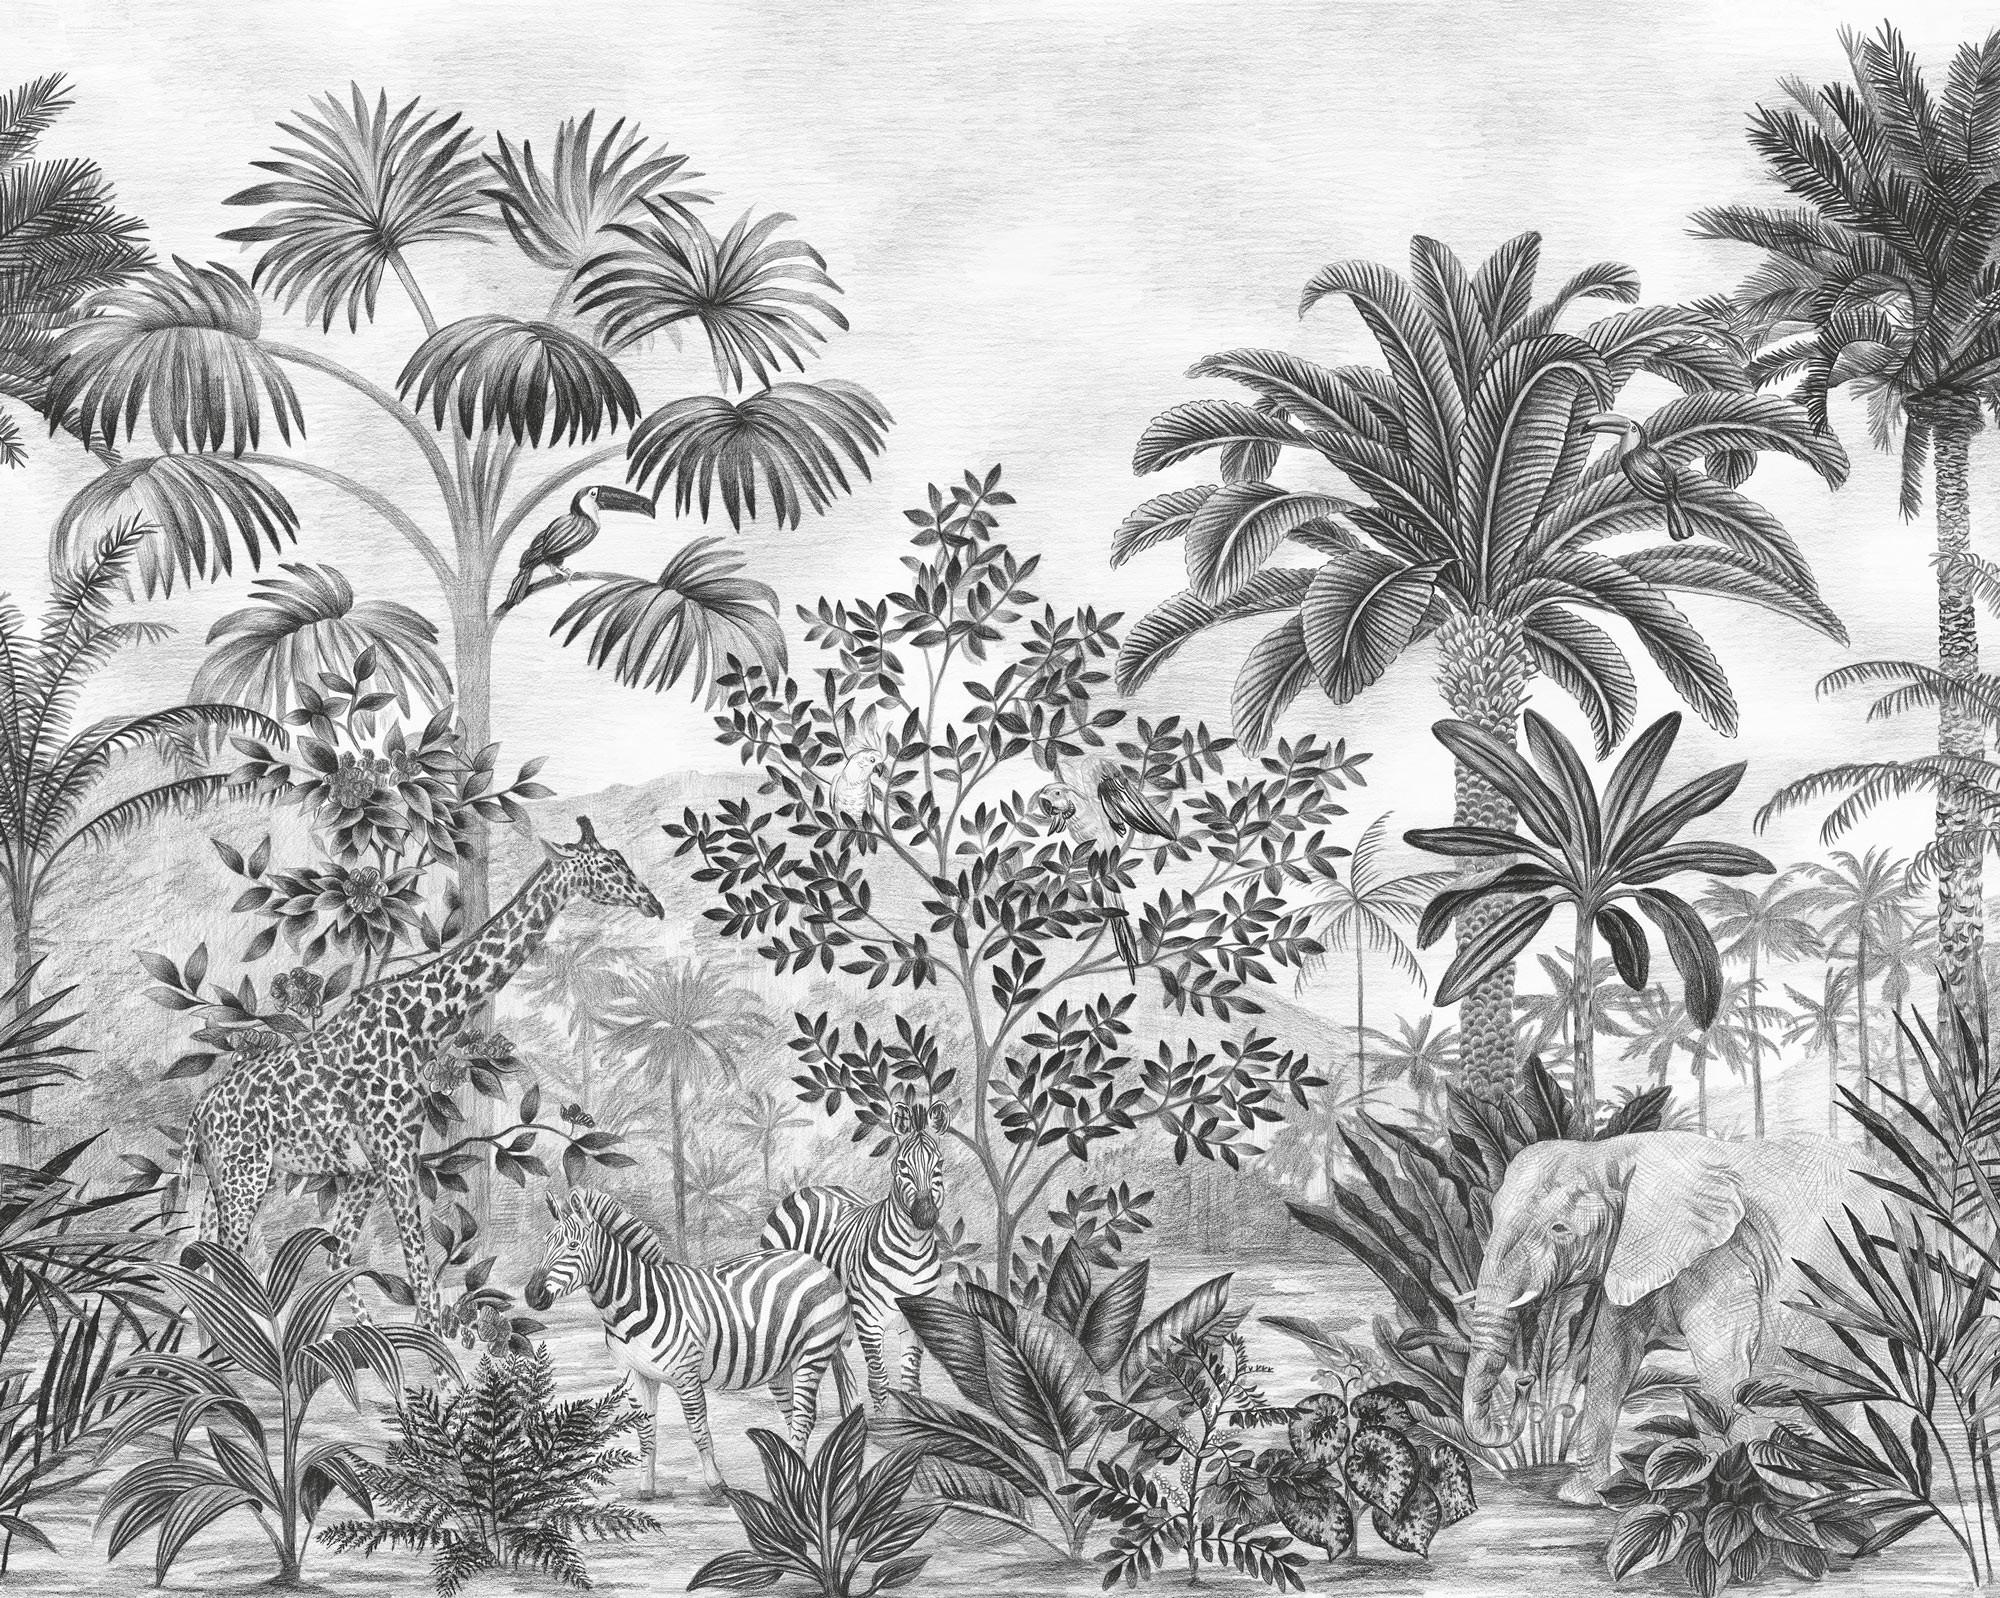 Jungle Evolution